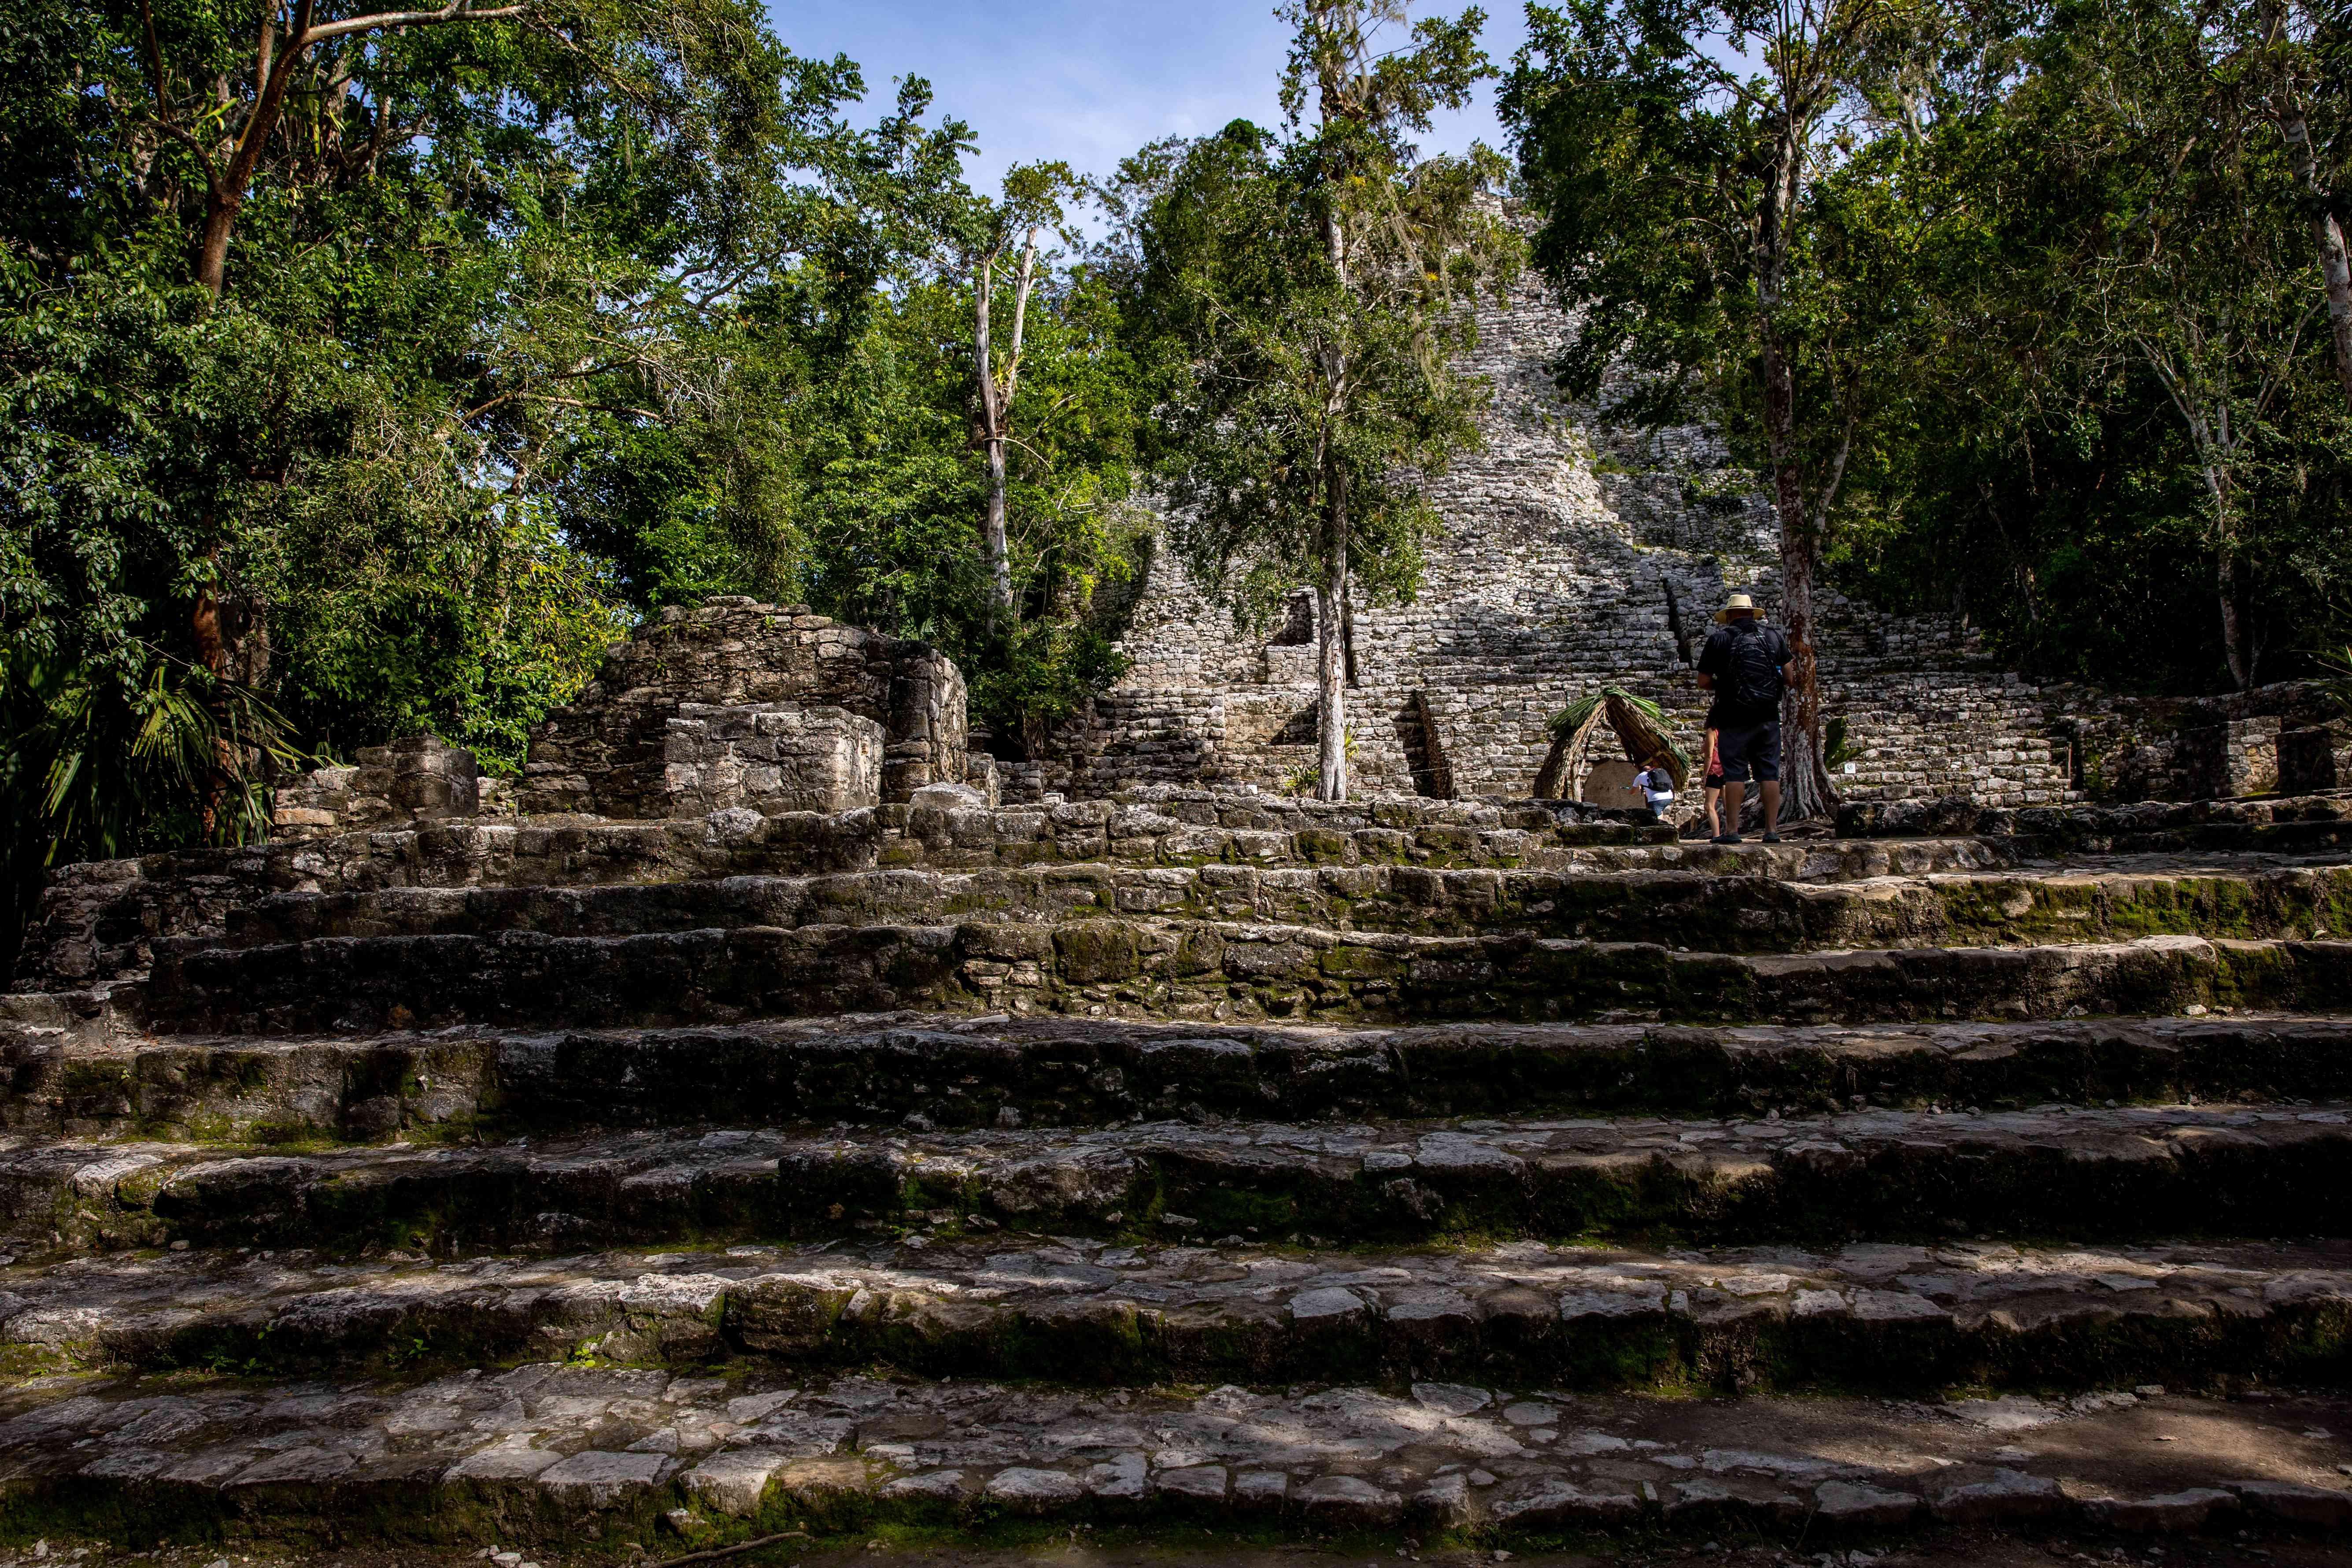 Coba Archeological Site